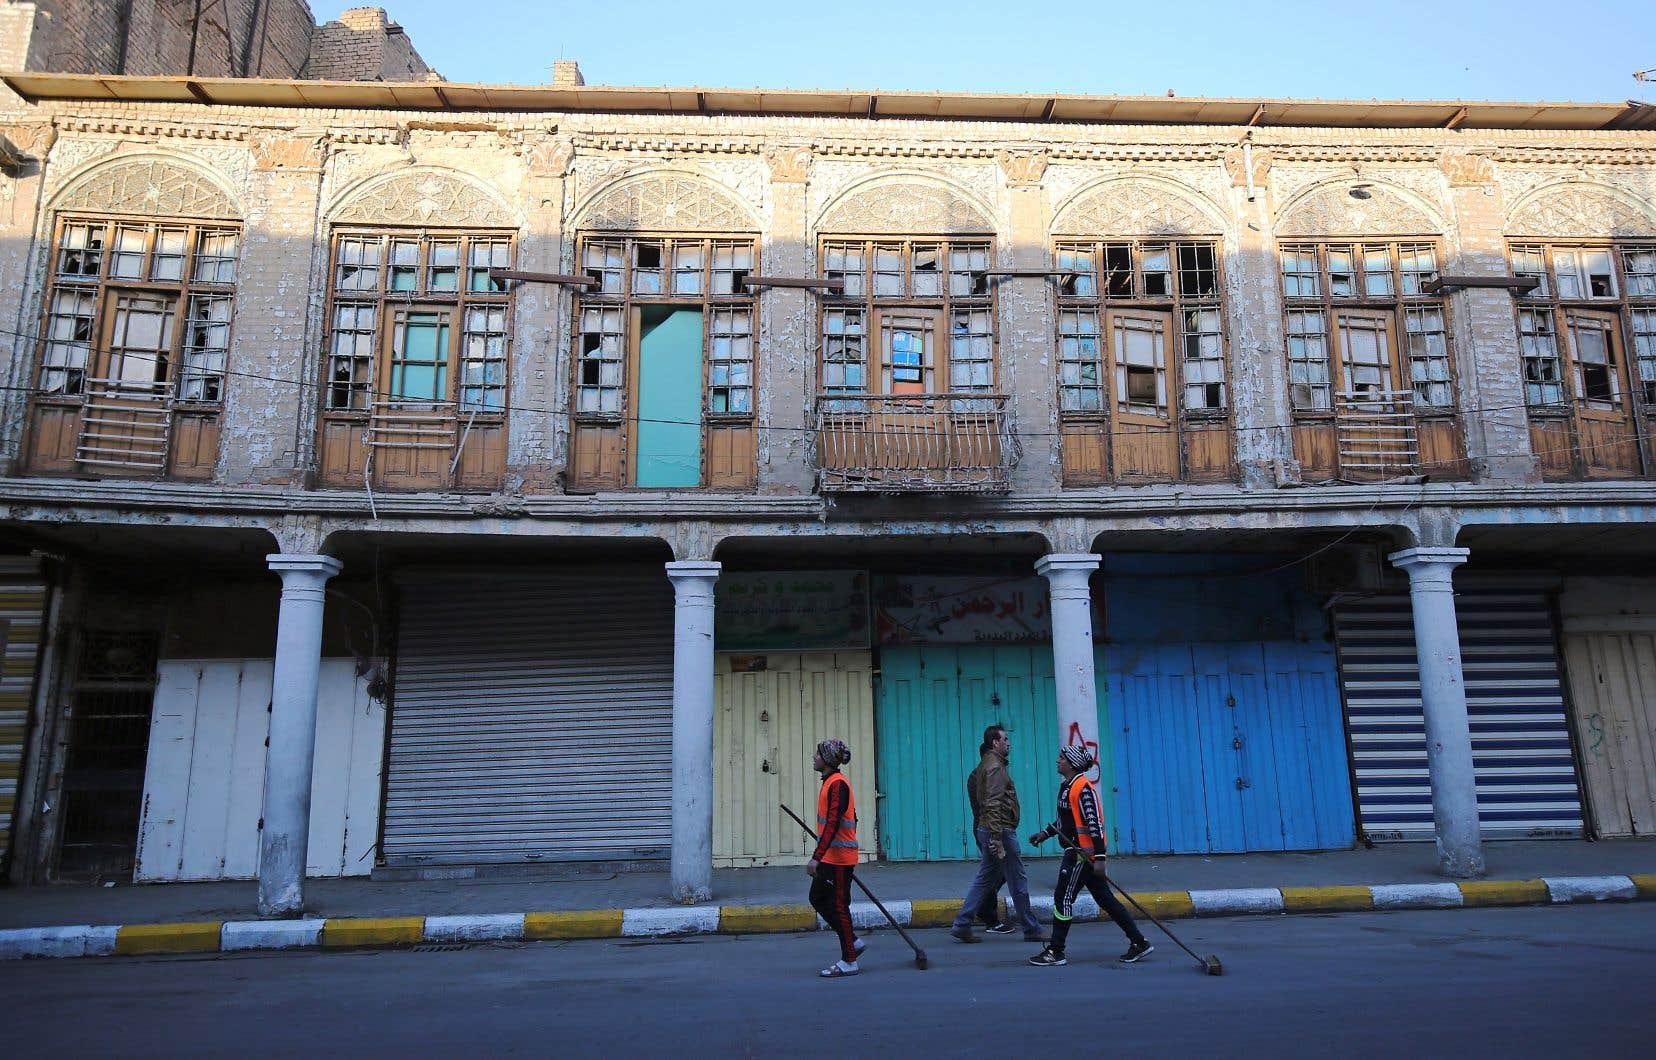 Des travailleurs dans le centre de Bagdad. Quinze ans après la chute de la dictature et de multiples guerres, l'Irak n'est toujours pas parvenu à se reconstruire.